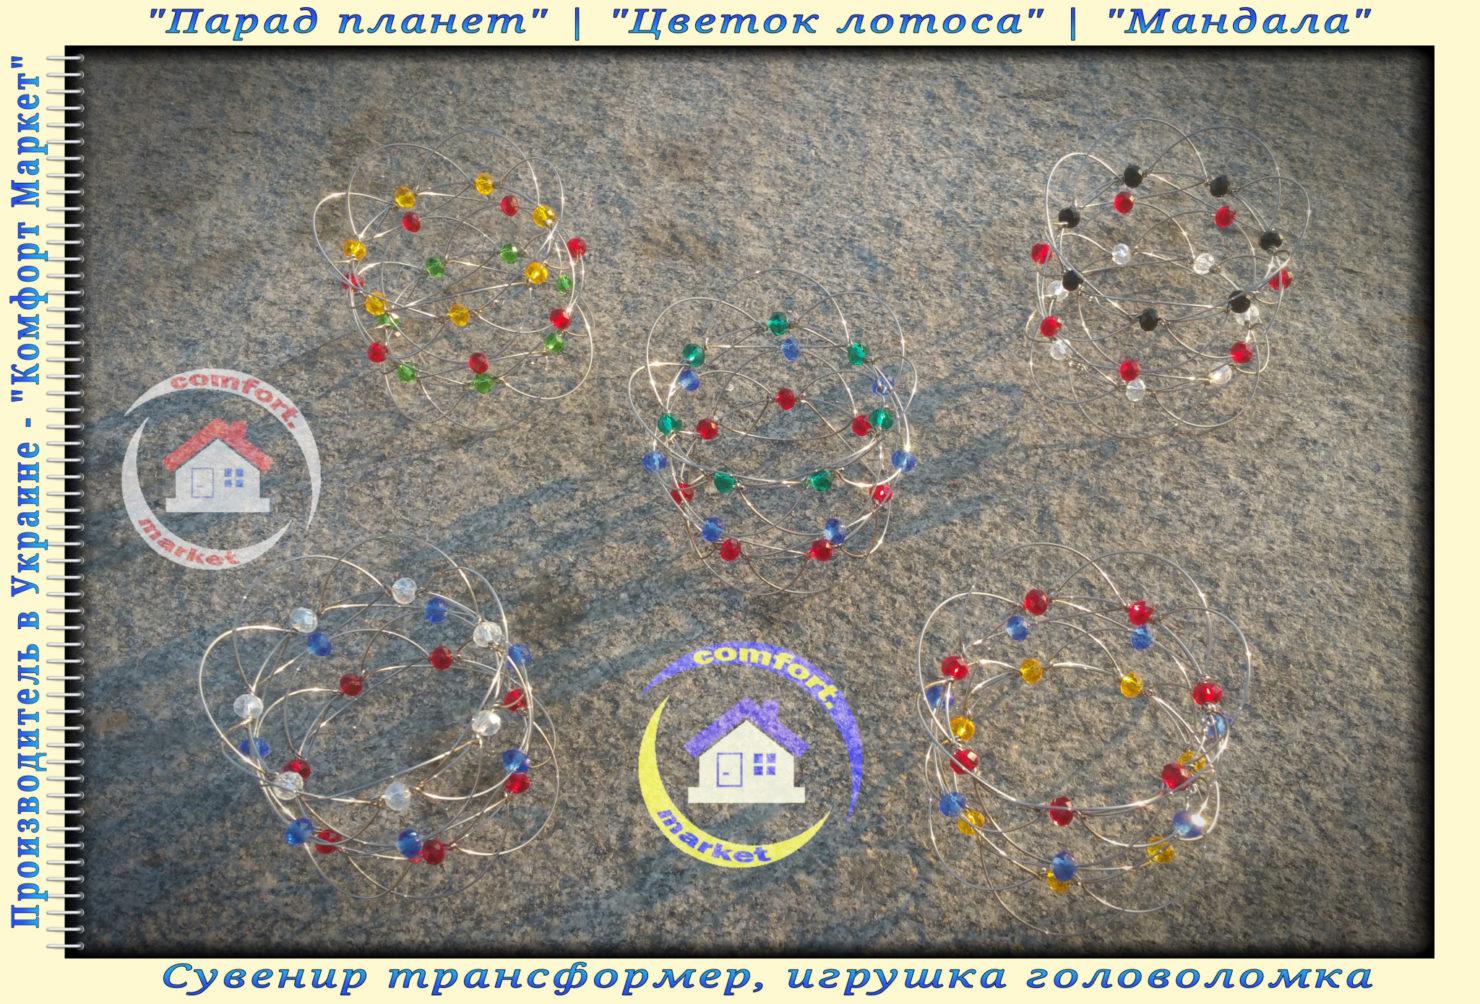 """Игрушка трансформер, сувенир """"Парад планет"""" - выбор цветов, ассортимент производителя в Украине - """"Комфорт Маркет"""""""